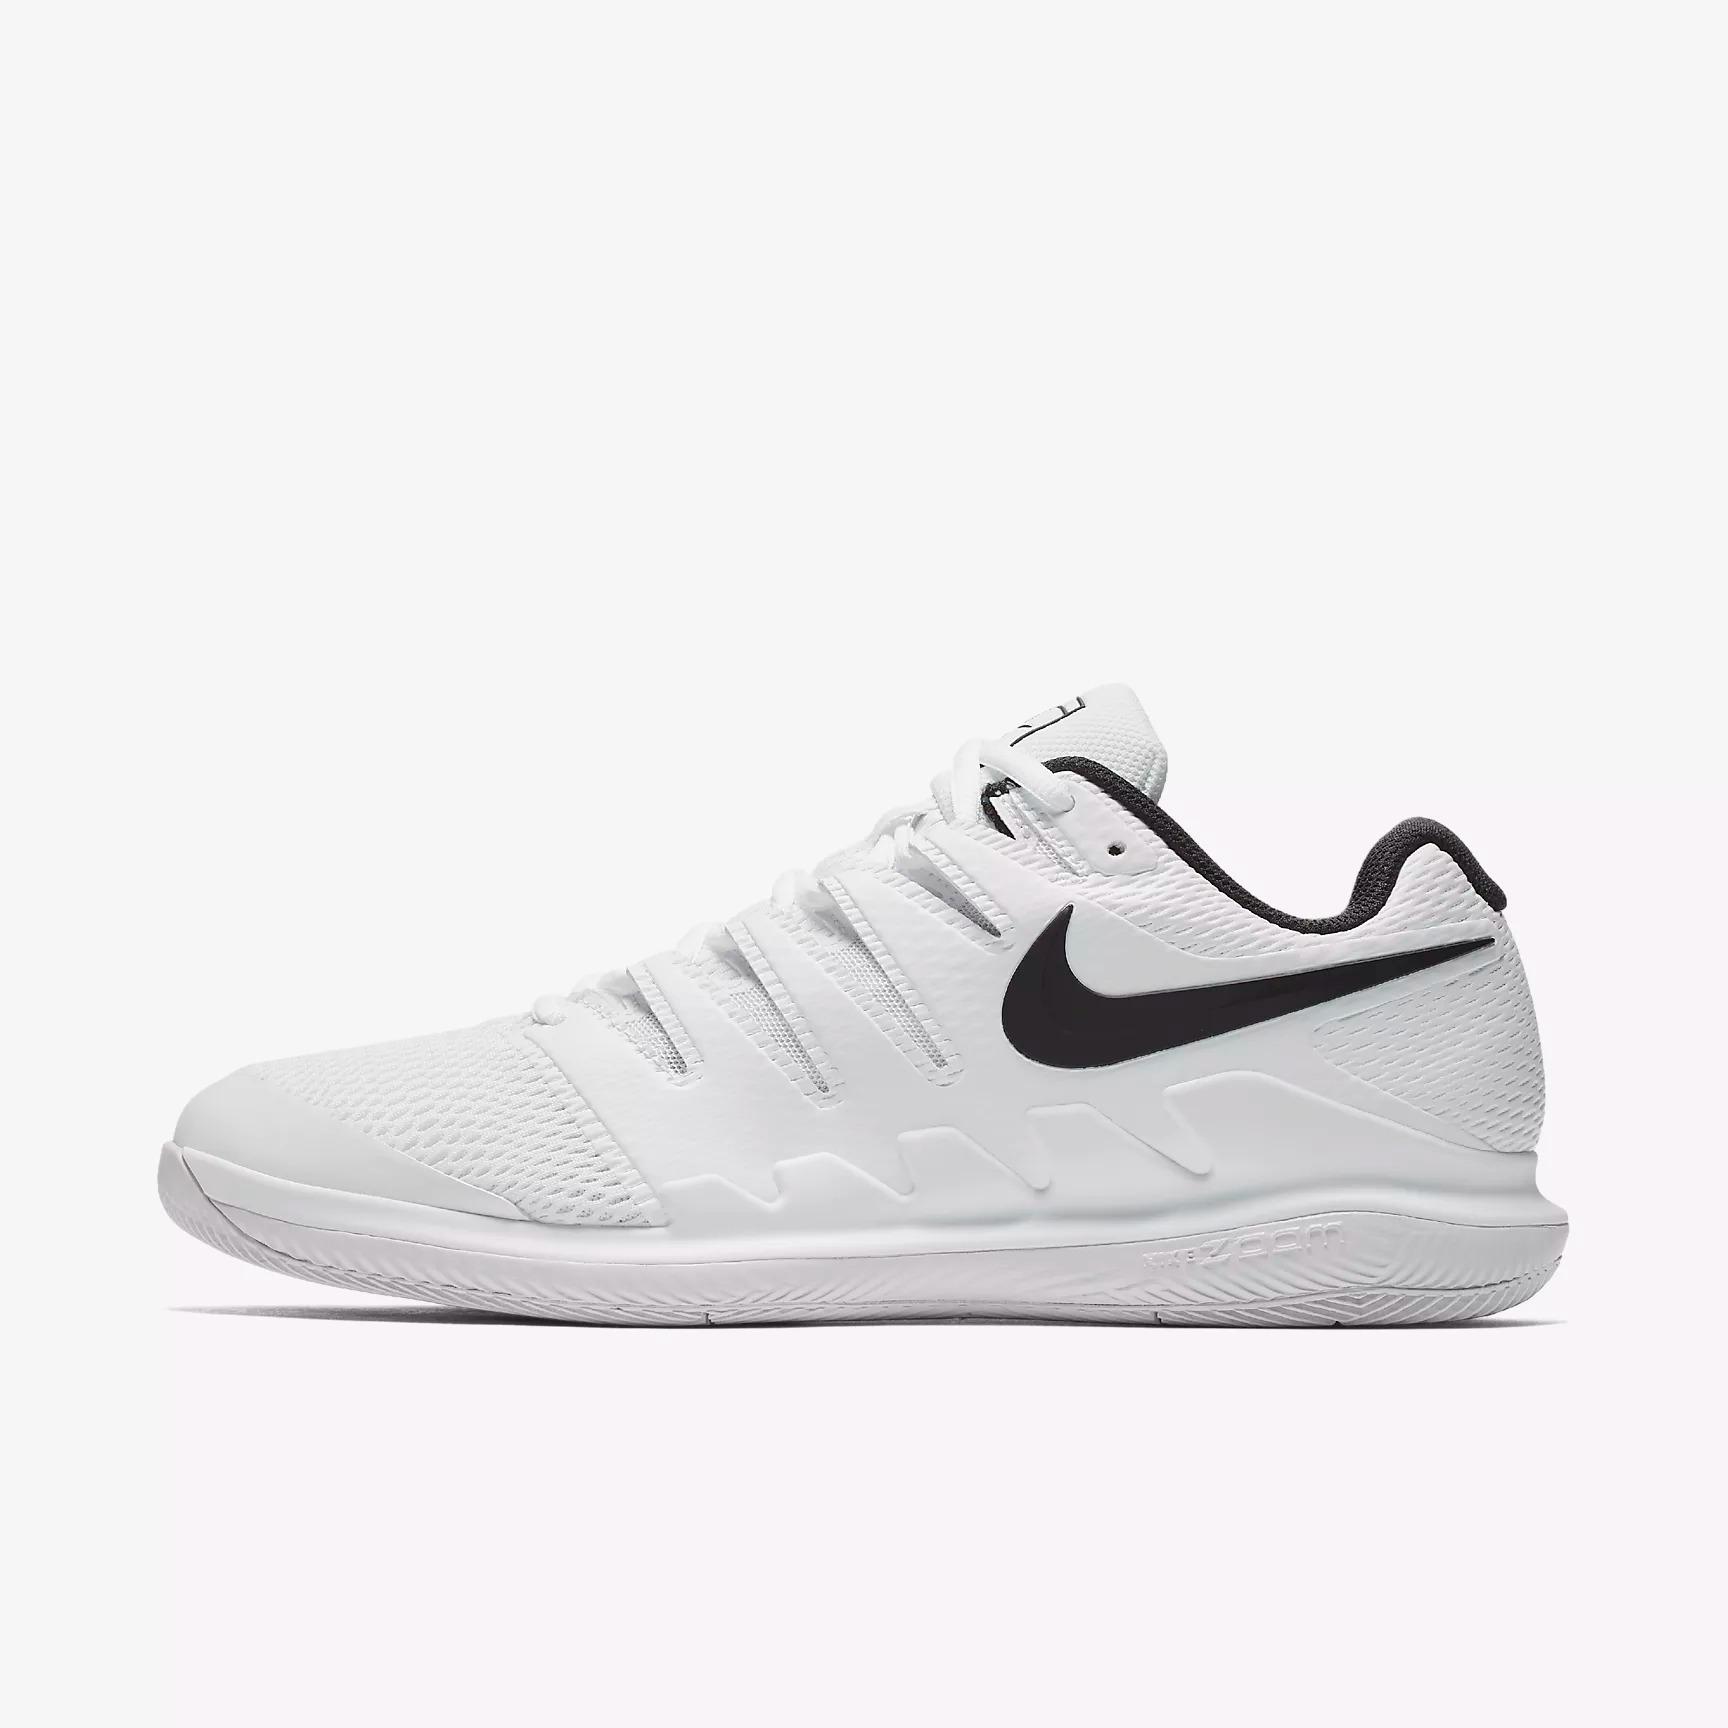 Nfl Shop Tennis Shoes